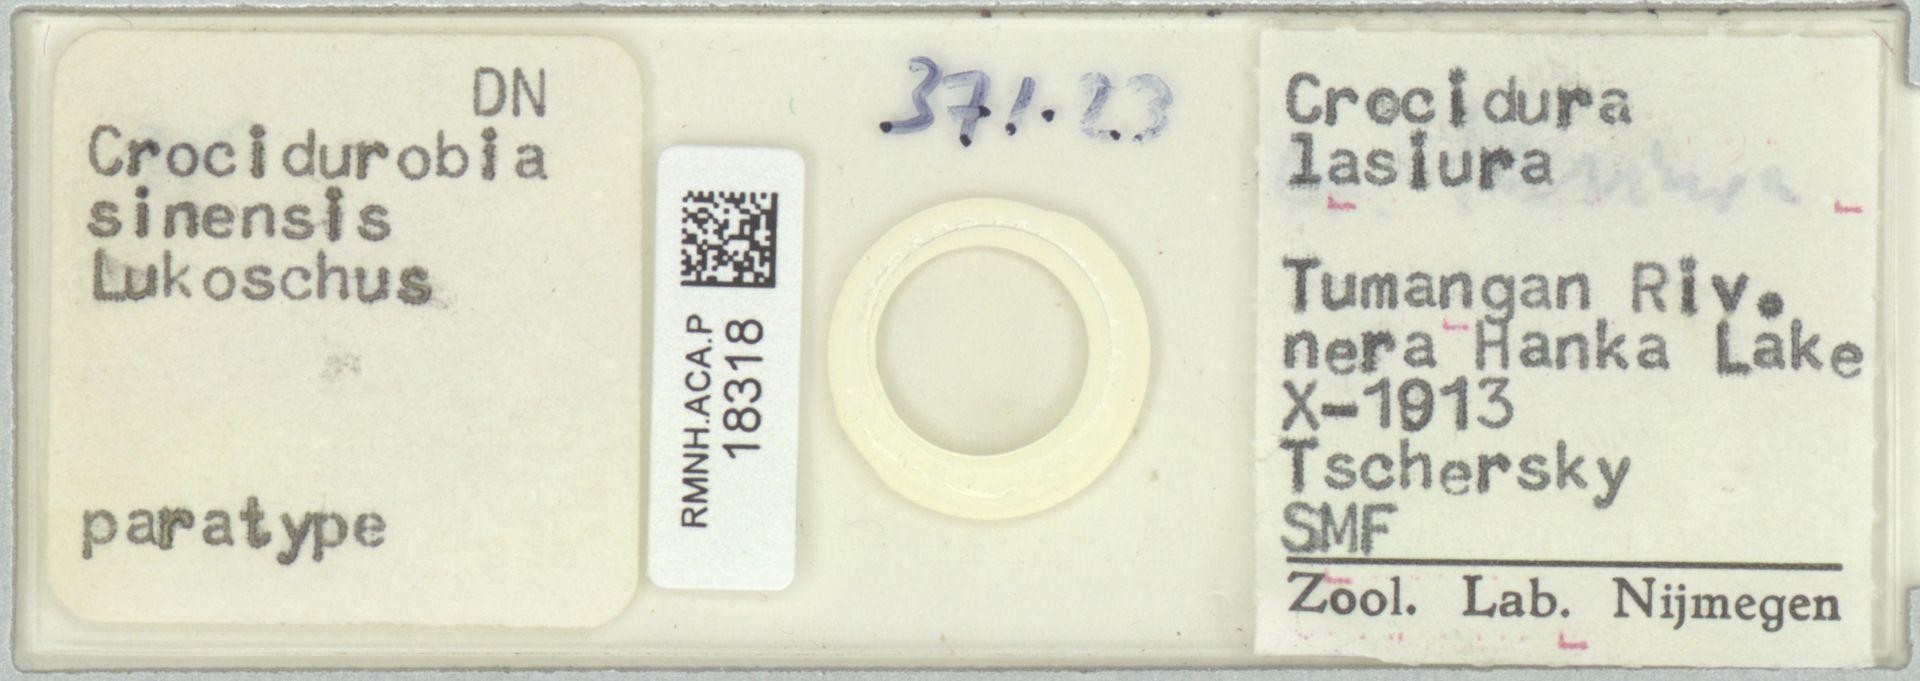 RMNH.ACA.P.18318   Crocidurobia sinensis